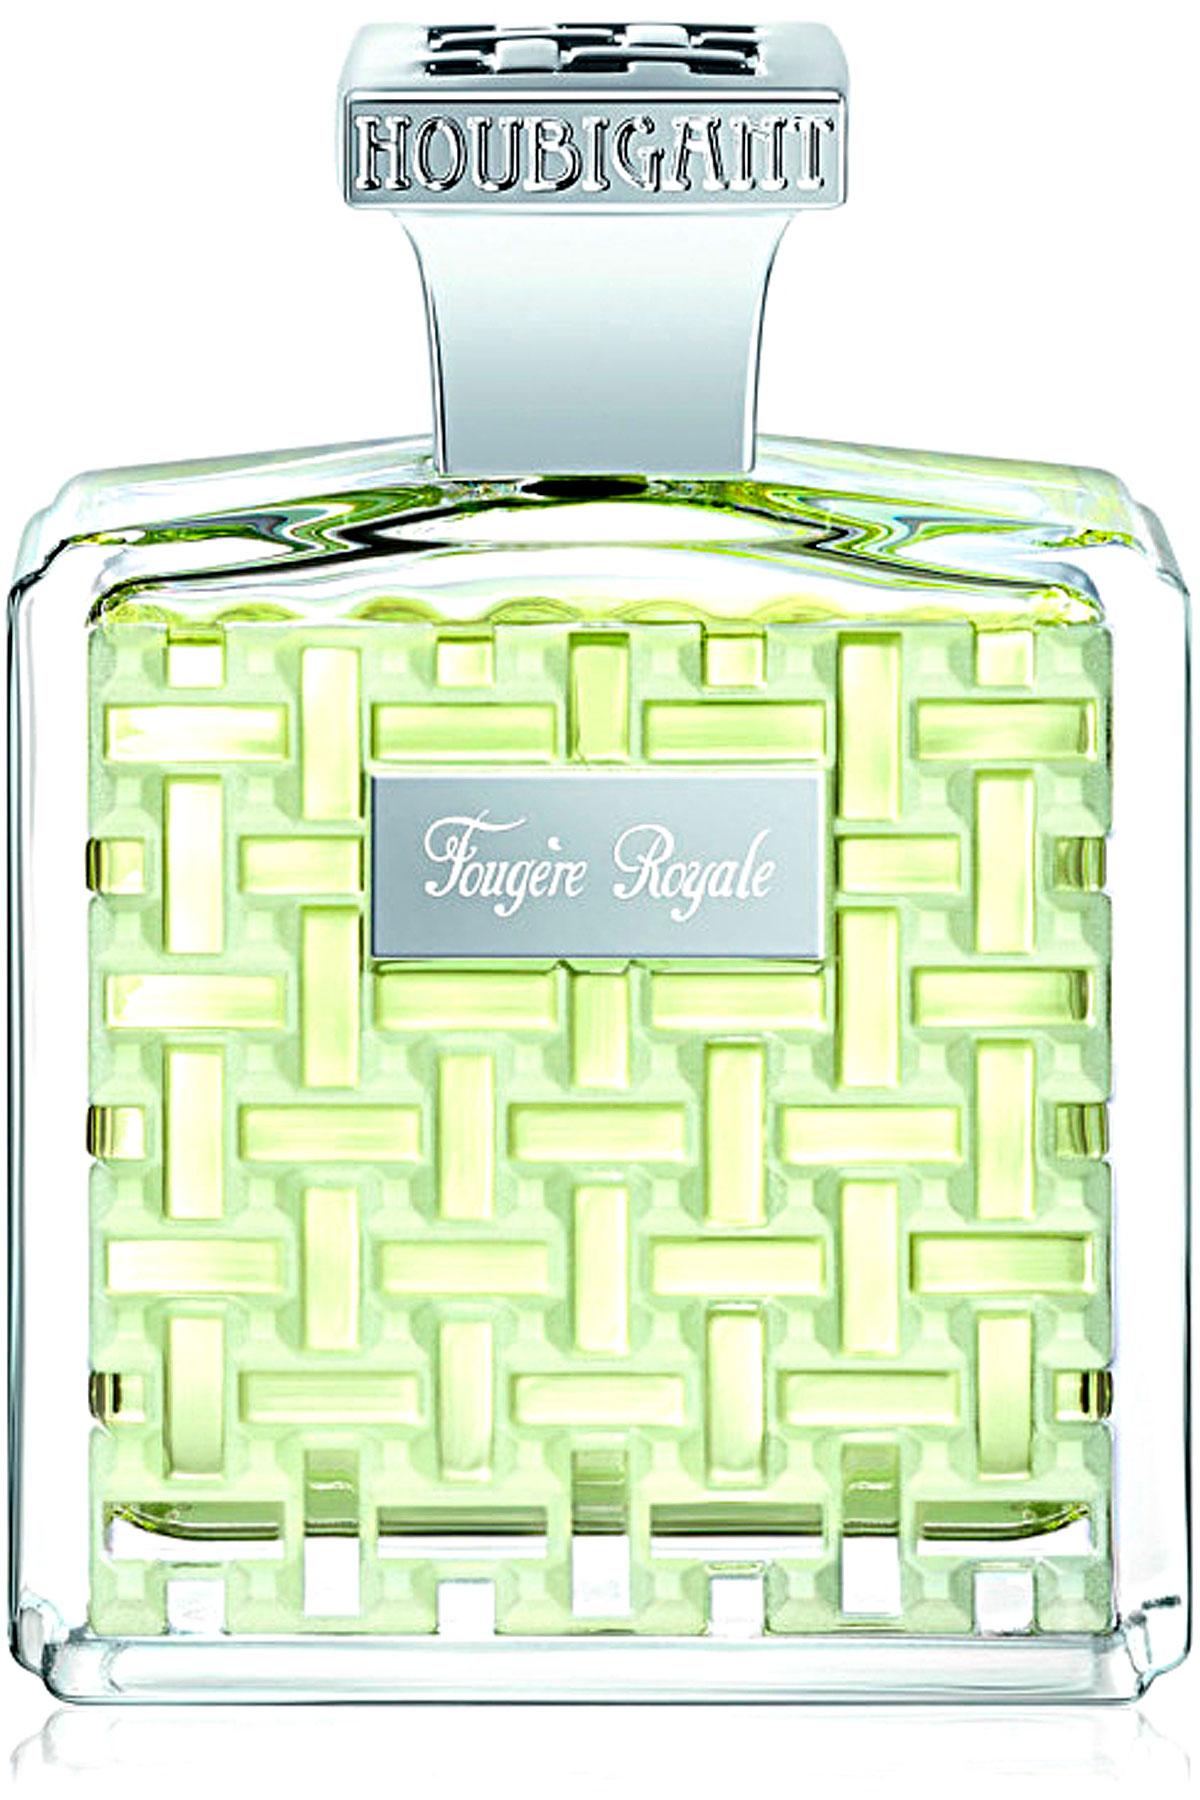 Houbigant Paris Fragrances for Men, Fougere Royale - Extrait De Parfum - 100 Ml, 2019, 100 ml